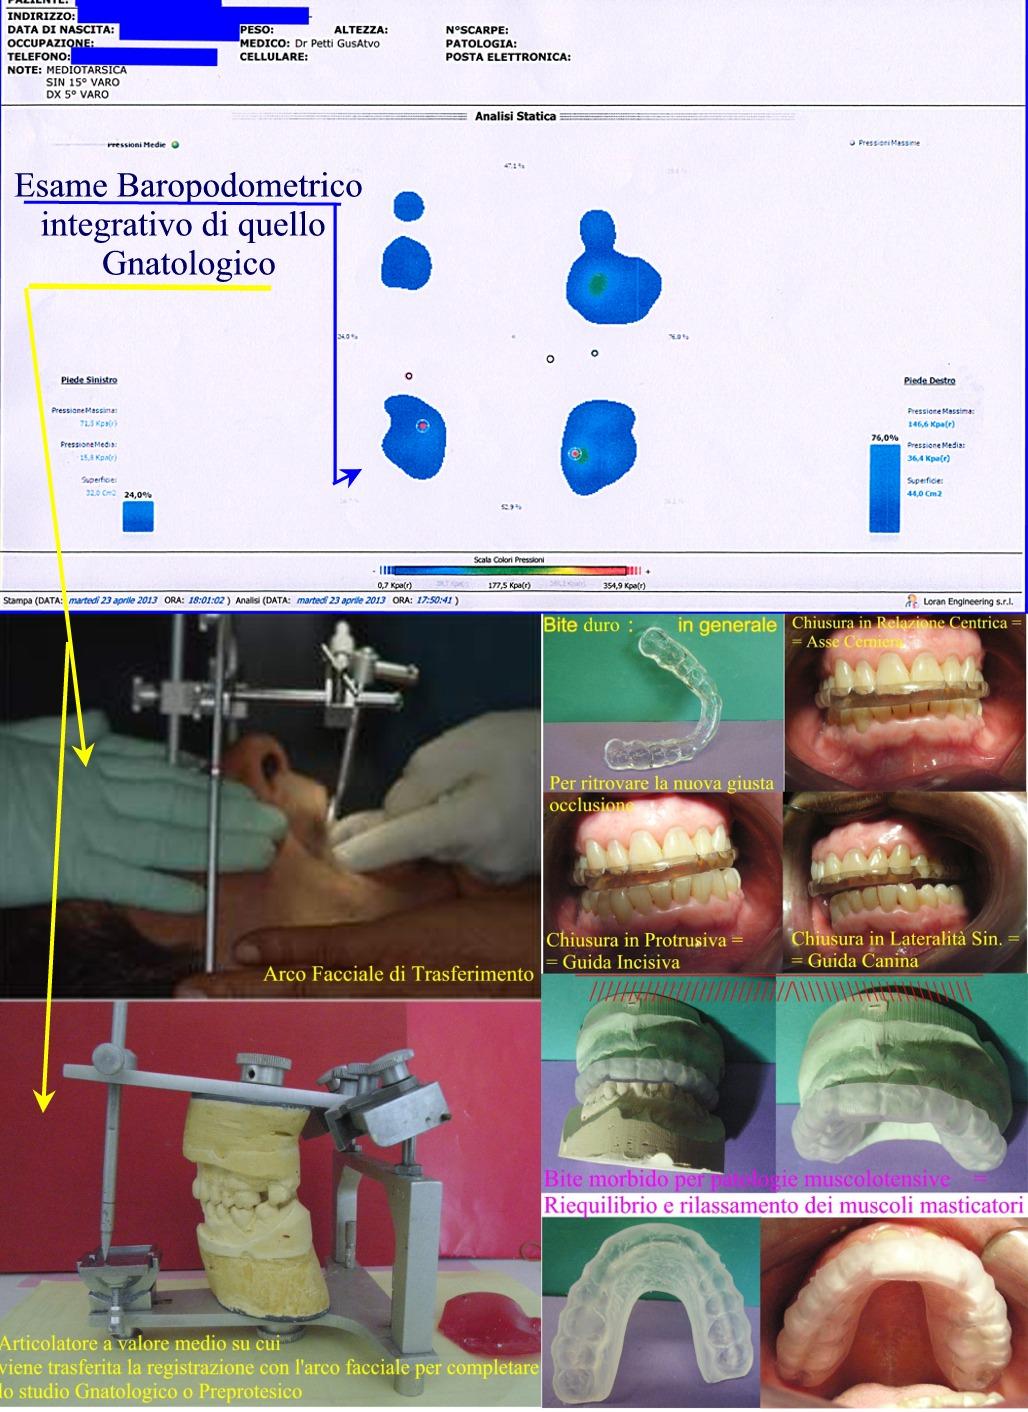 Arco Facciale di trasferimento e studio computerizzato stabilometrico e vari tipi di bite Diagnostici  sintomatici e terapeutici in Gnatologia. Da casistica del Dr. Gustavo Petti Parodontologo Gnatologo di Cagliari